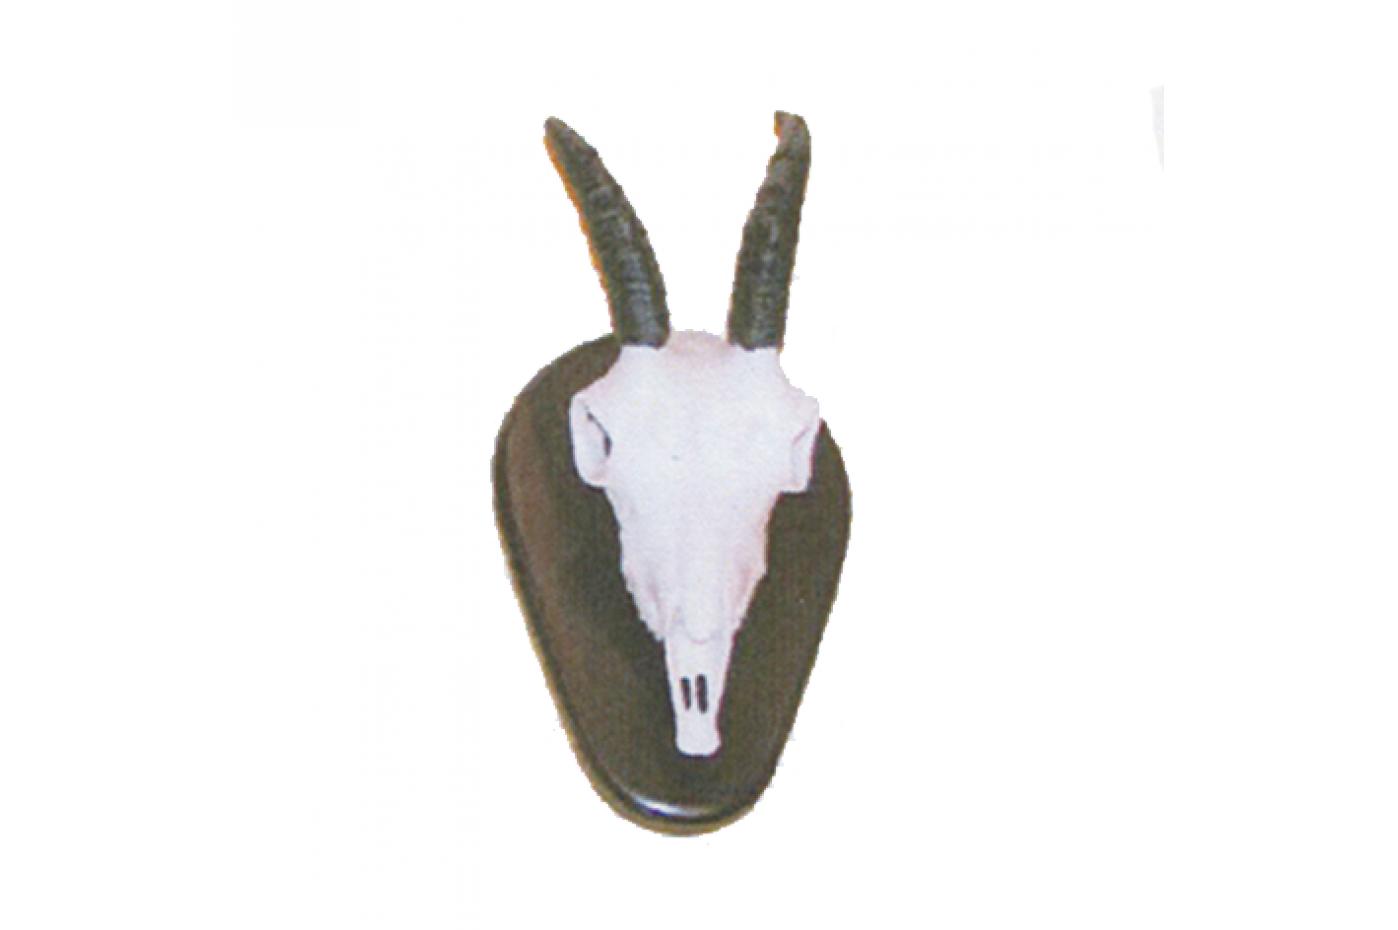 941900  Cabra Hispanica Hembra 40x15 Cm